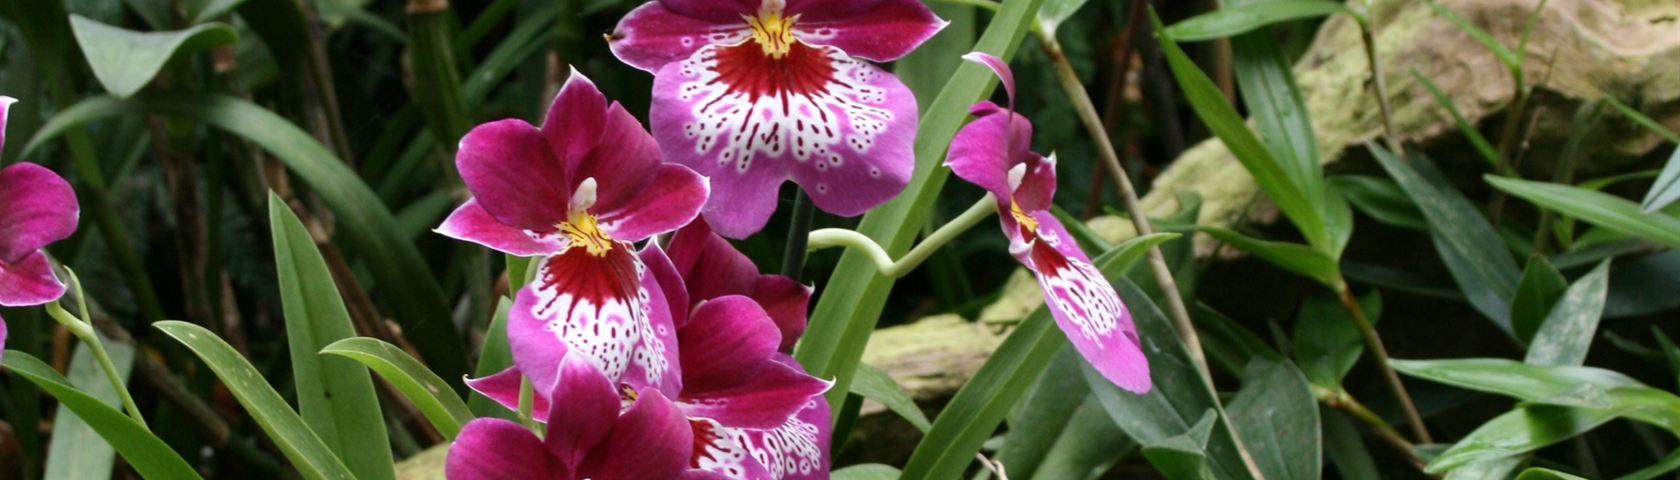 Orkideer Flower